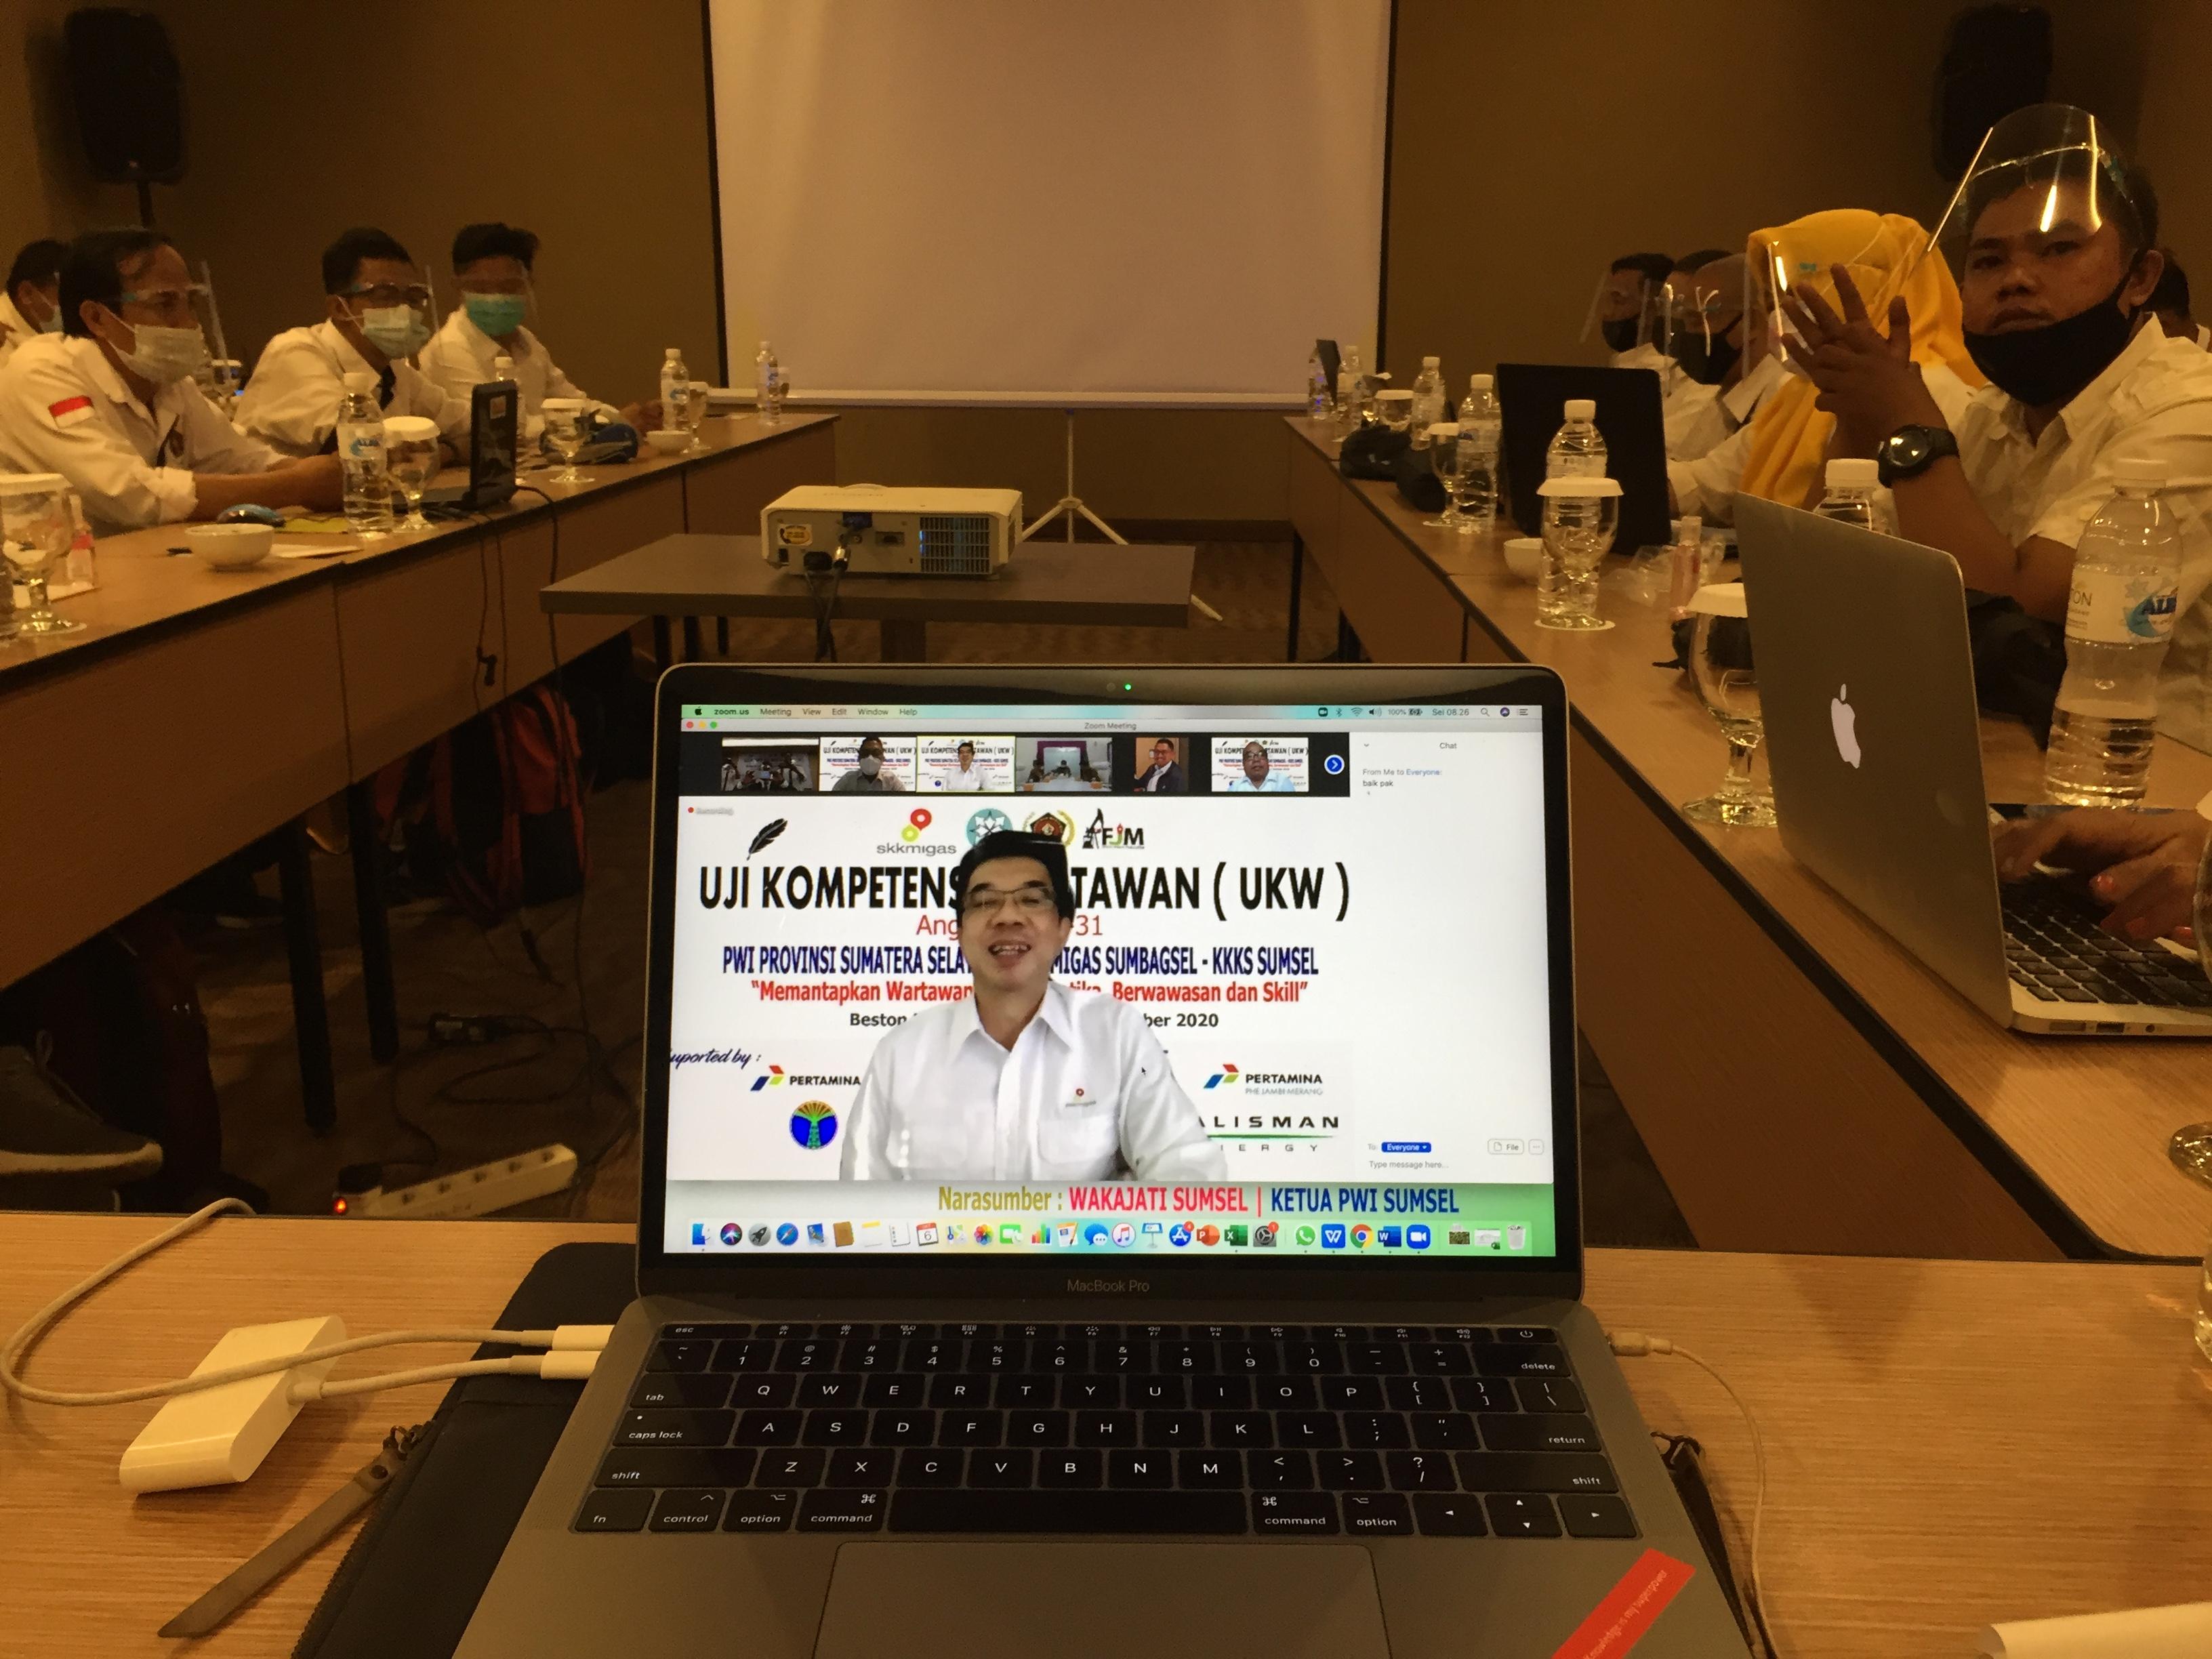 Kepala Perwakilan SKK Migas Sumbagsel Adiyanto Agus Handoyo menyampaikan sambutan pada pembukaan UKW yang dibuka secara resmi oleh Asisten III Kesra Pemprov Sumsel, di Hotel Beston, Selasa (6/10).